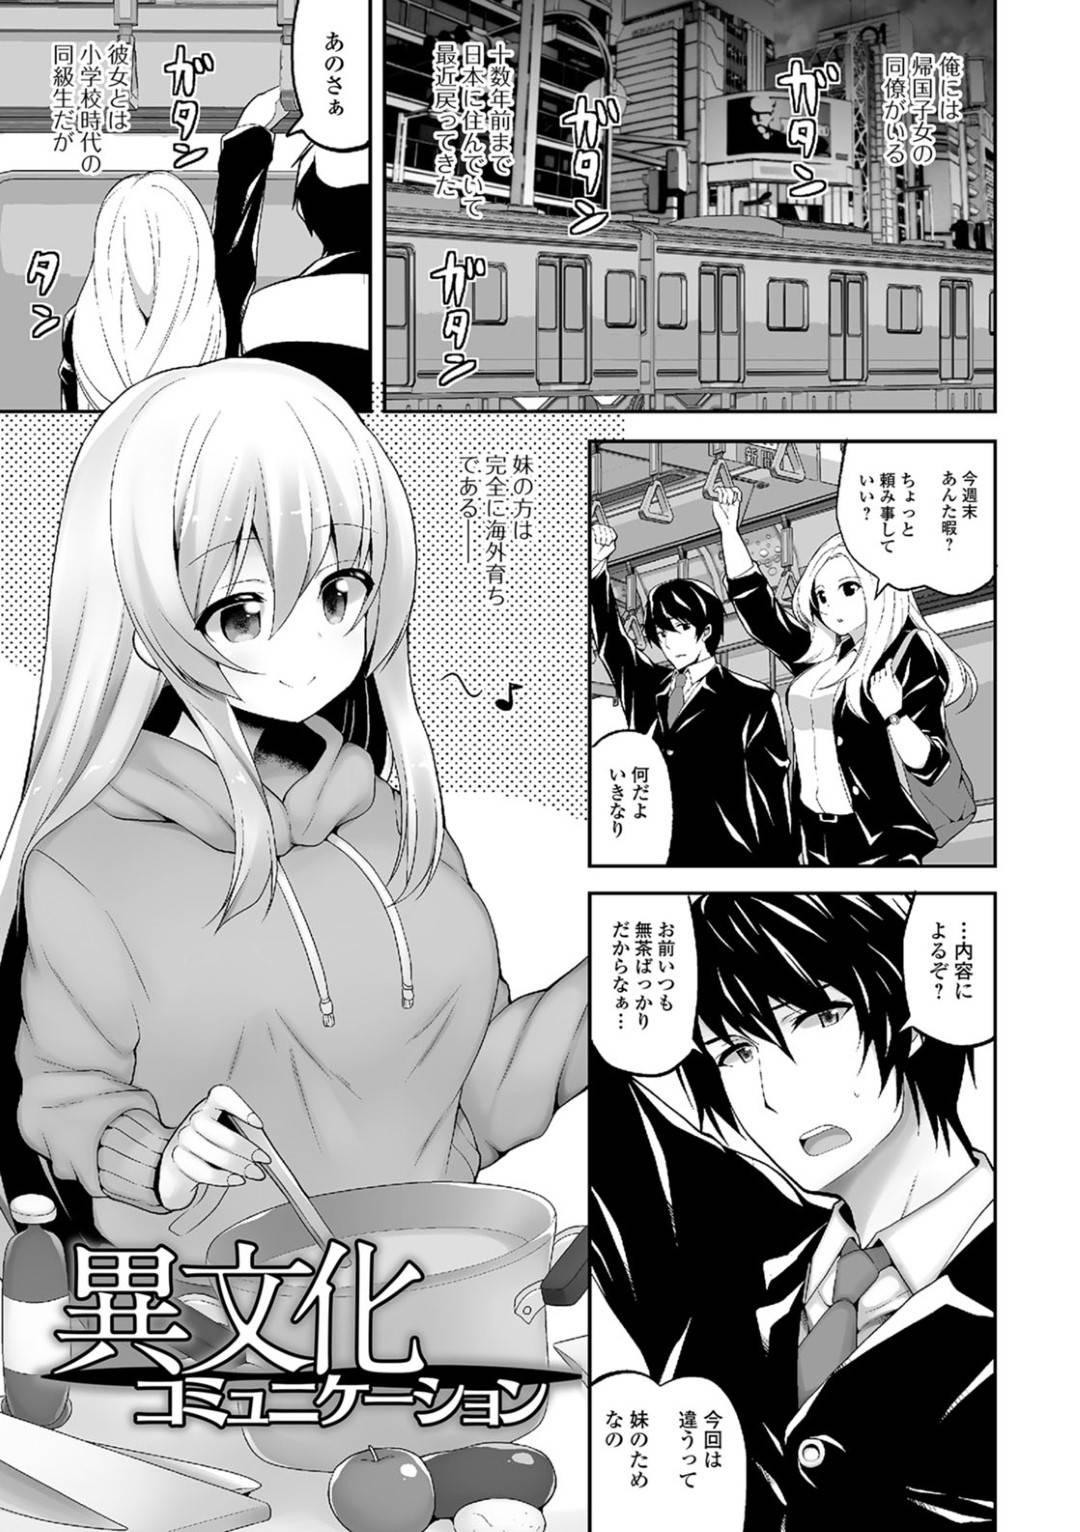 【エロ漫画】将来日本の会社に就職したくて男に色々教えてもらう巨乳帰国子女…男にお礼としてお風呂で背中を流すつもりが発情され乳首を吸われて手マンで気持ちよくなり孕ましセックスされる!【白家ミカ】